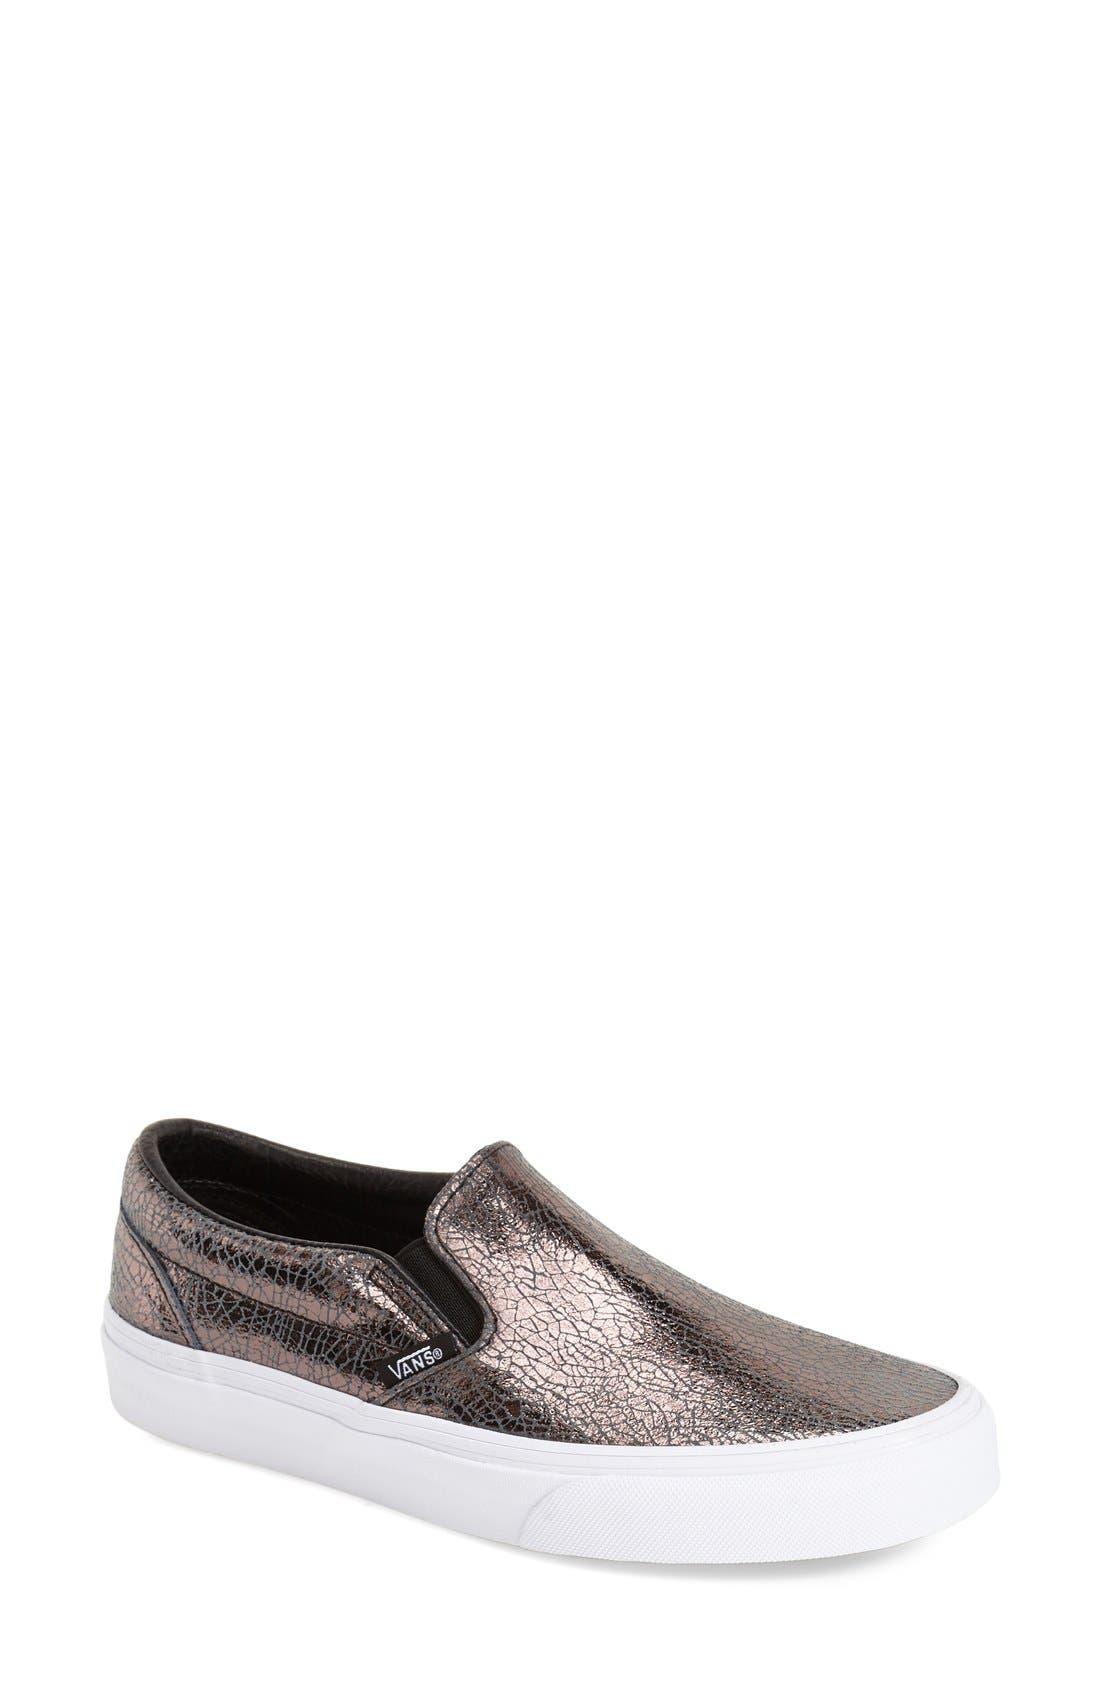 Main Image - Vans 'Classic' Slip-On Sneaker (Women)